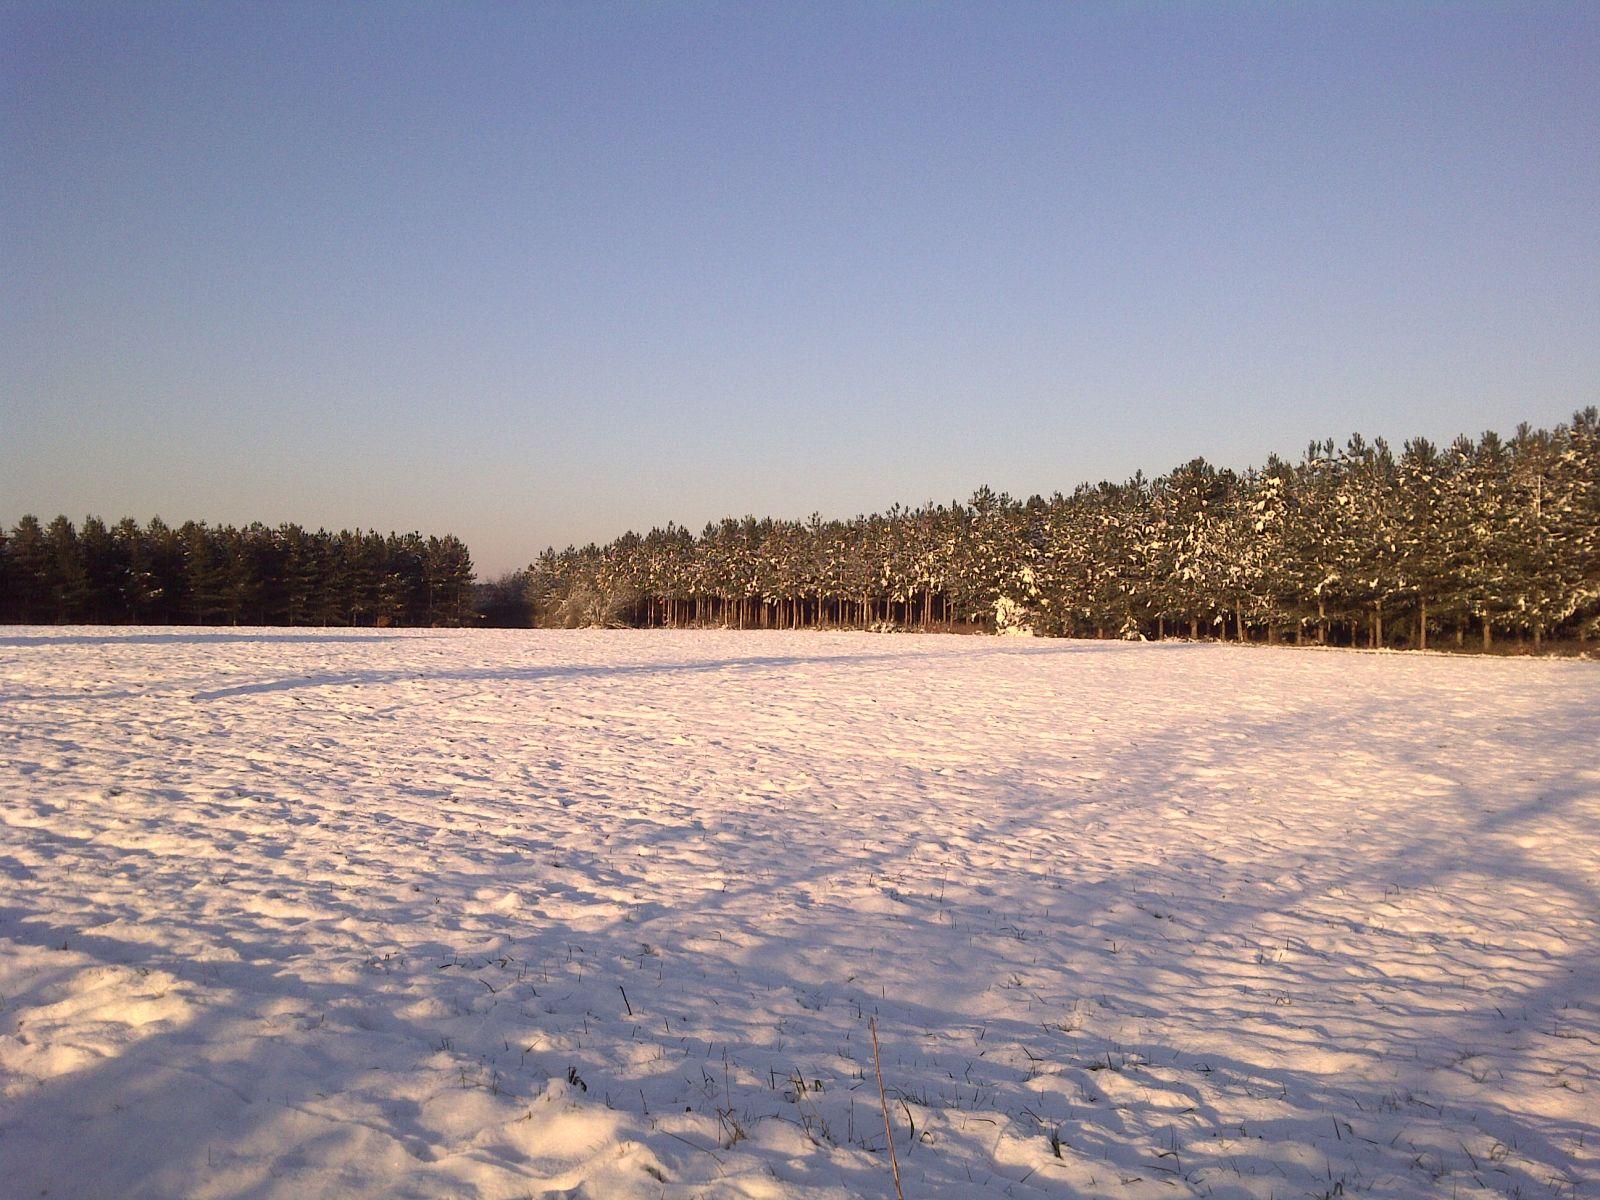 Traiter Le Bois Naturellement u2013 Myqto com # Traiter Le Bois Naturellement